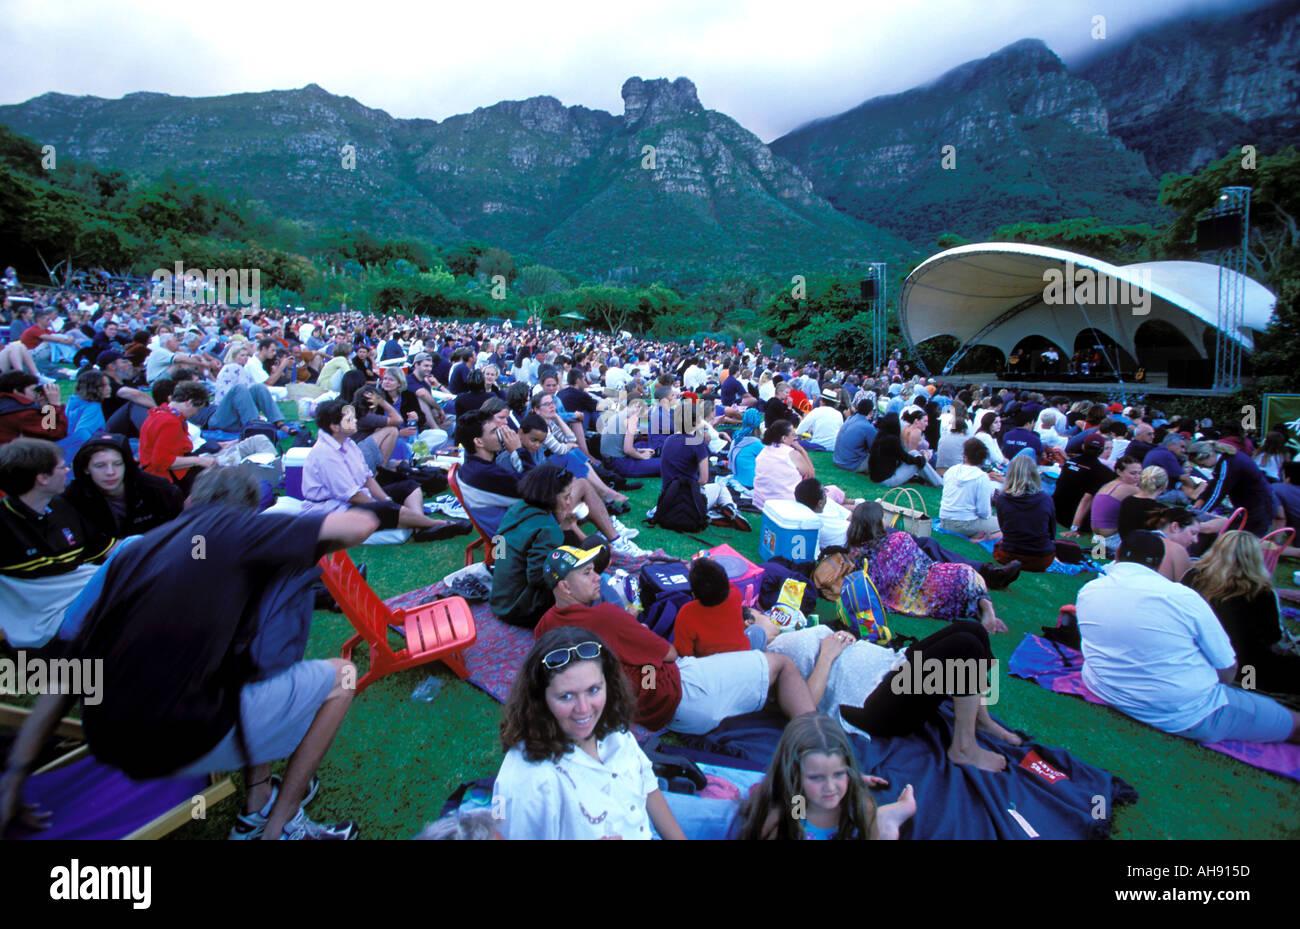 Südafrika Kapstadt Menschen genießen ein Konzert statt welche s jeden Sonntag Nachmittag bei der Kirstenbosch botanische Gärten Stockbild